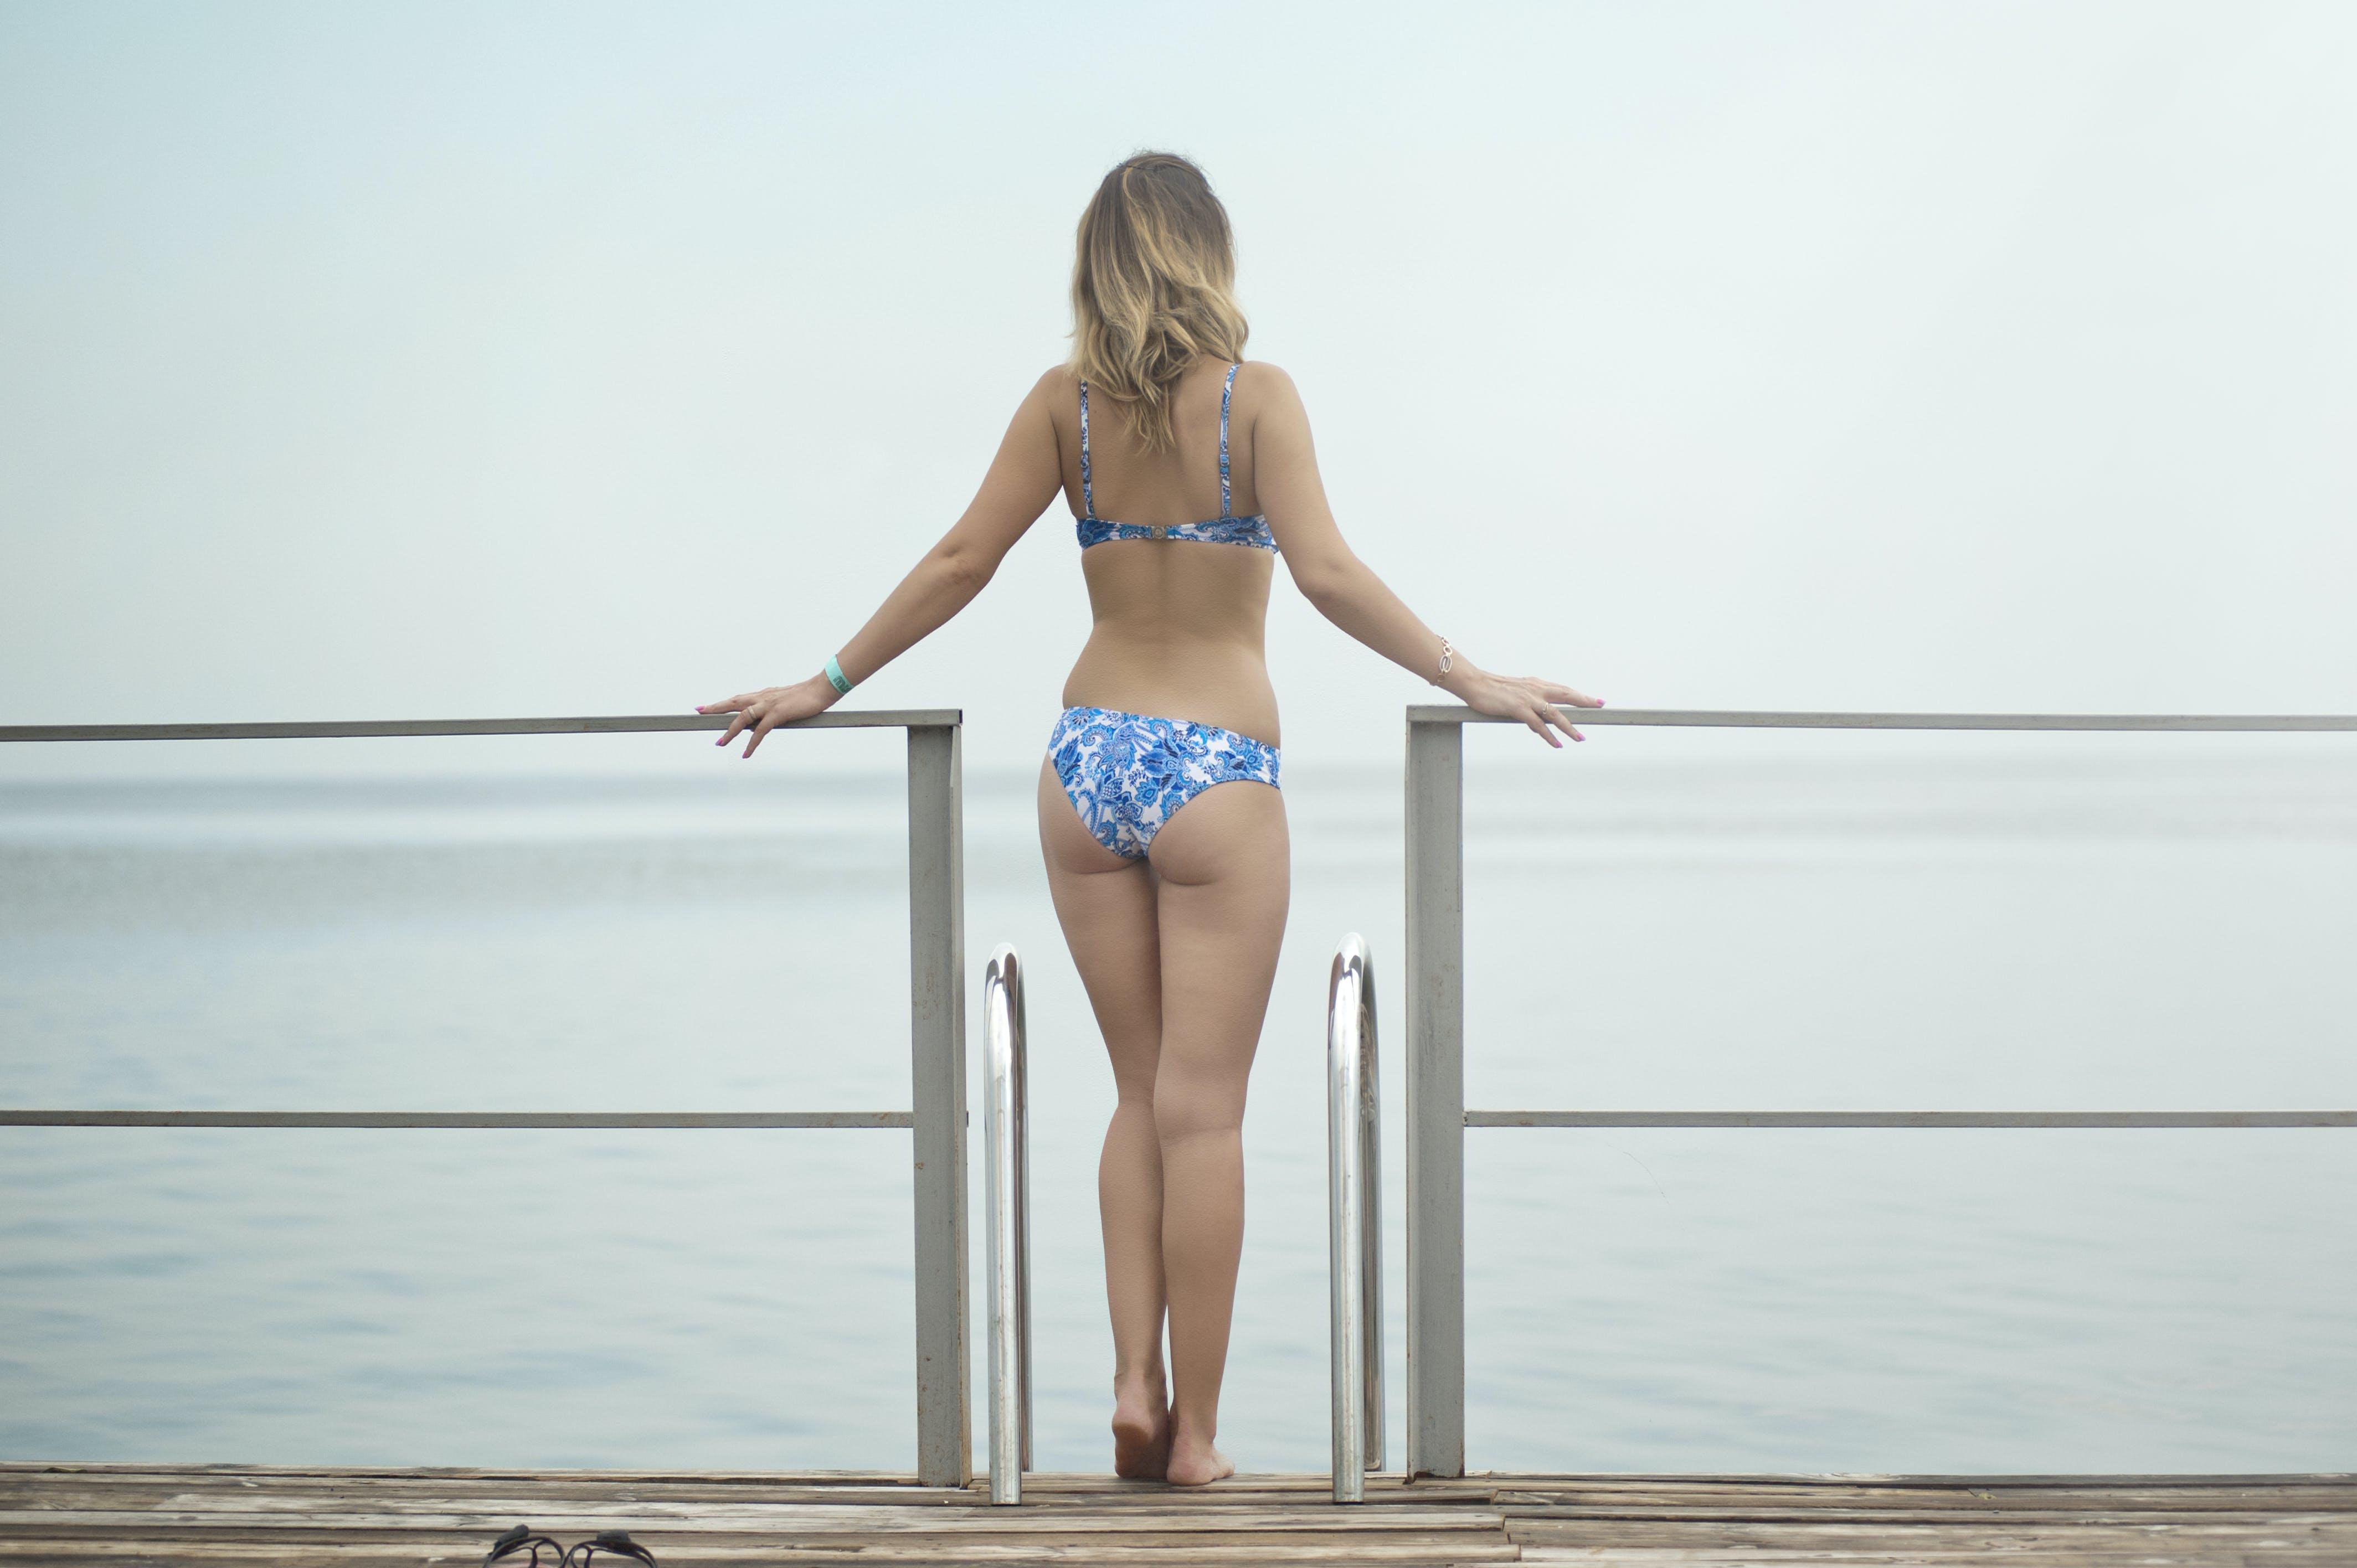 人, 休閒, 假期, 后背 的 免费素材照片